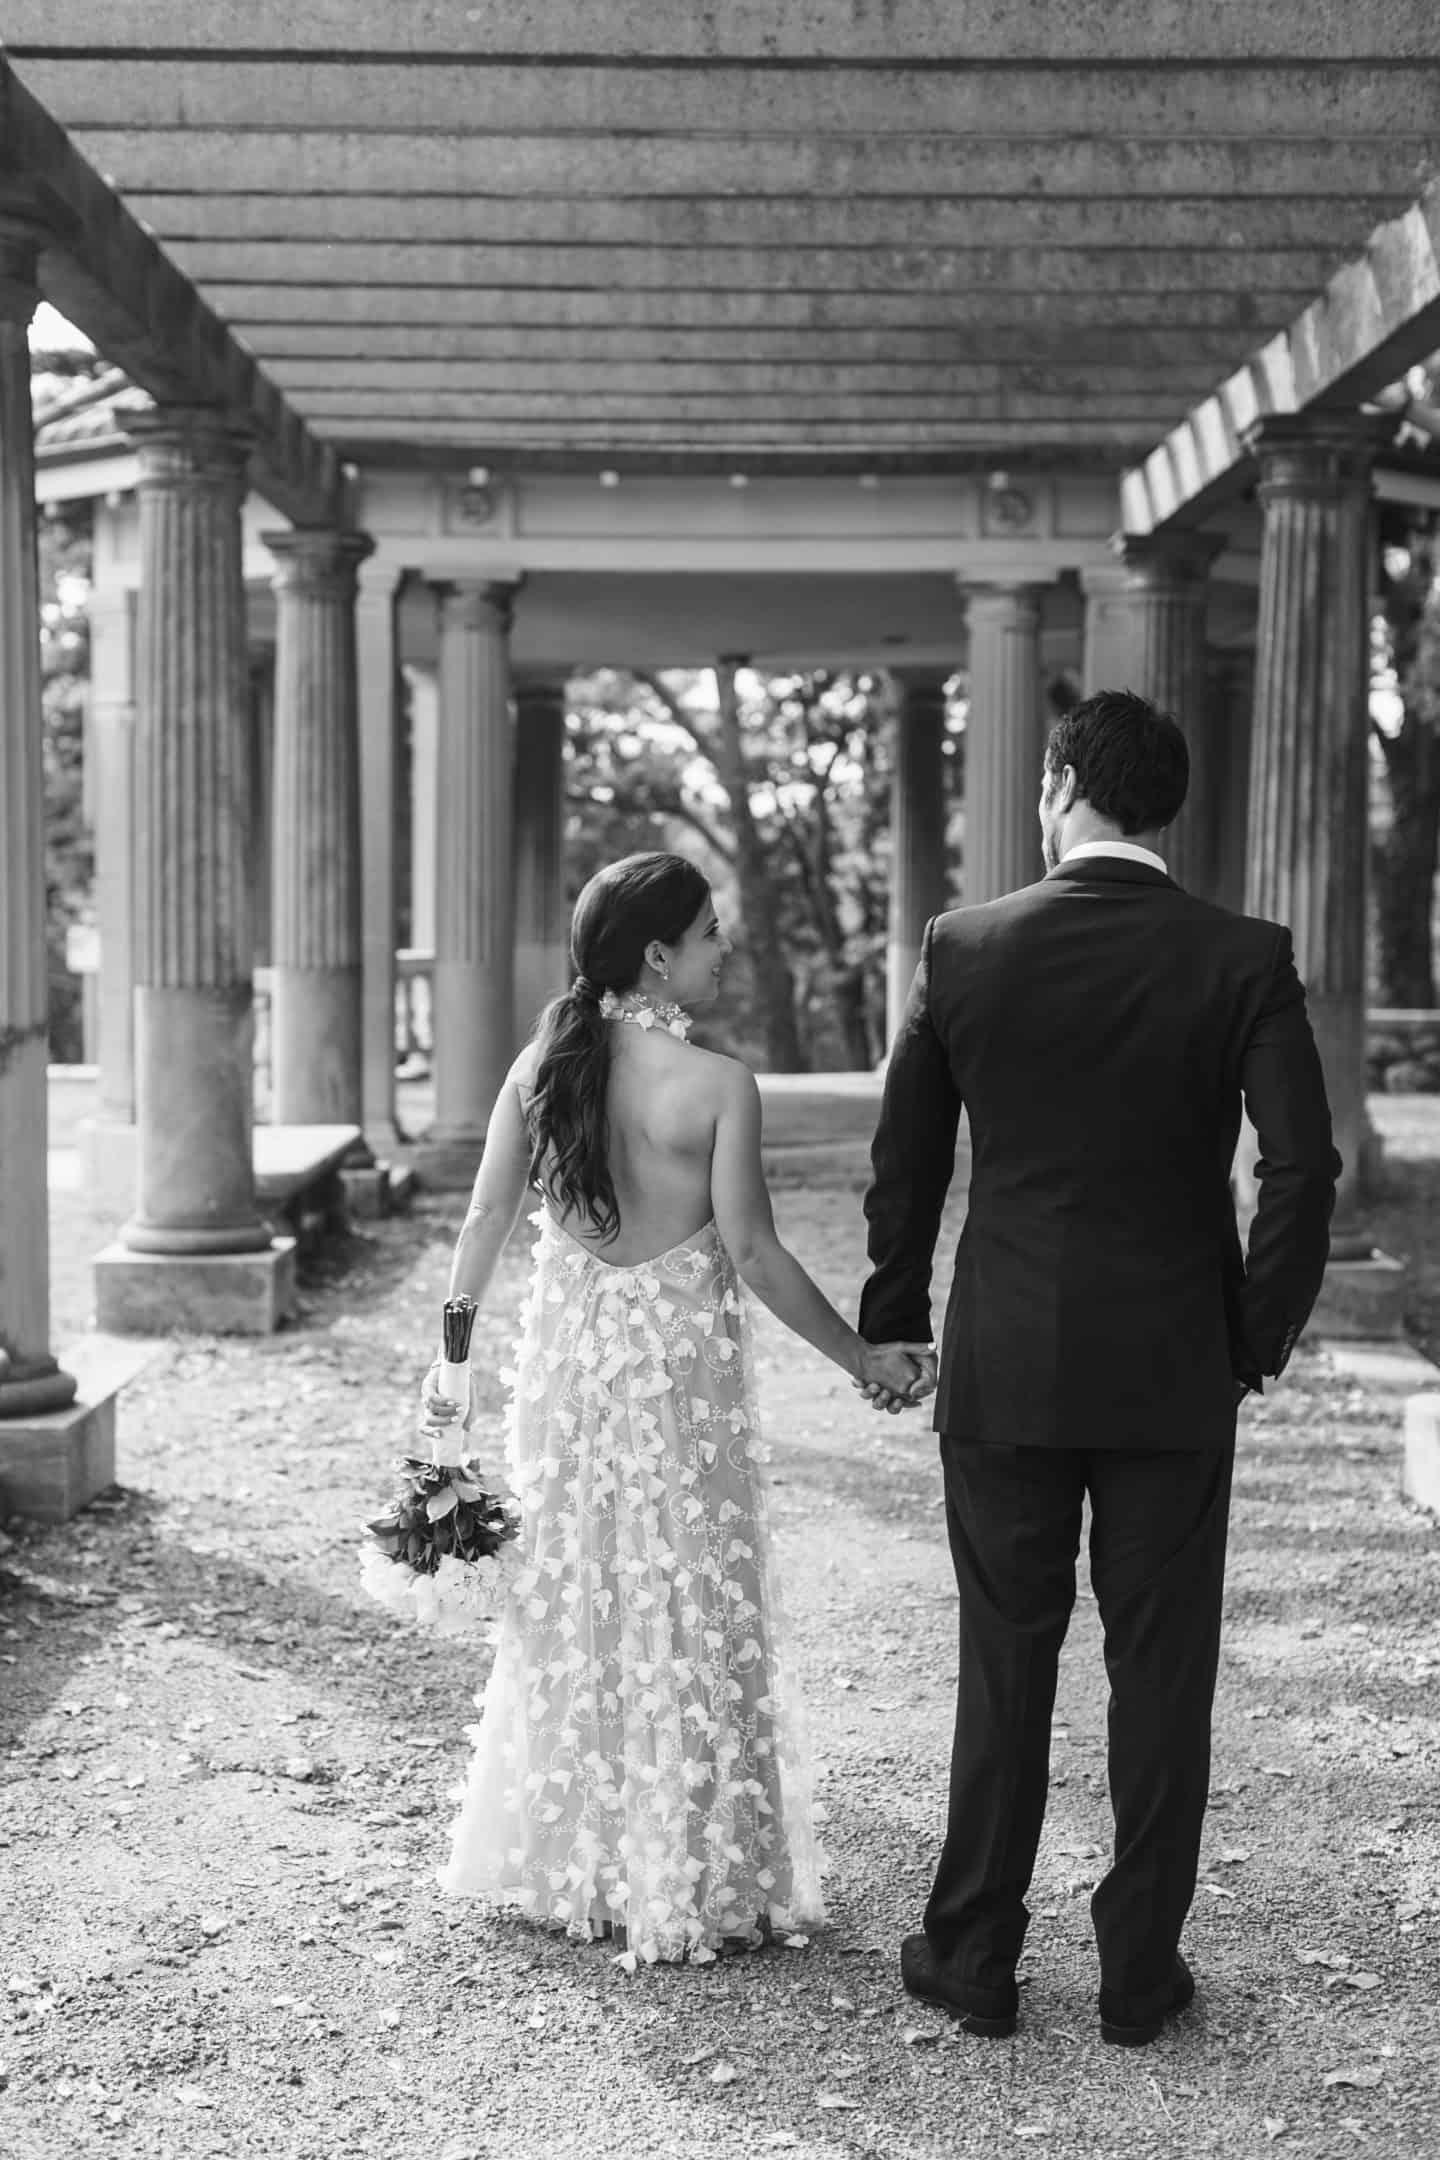 Kessler Park wedding